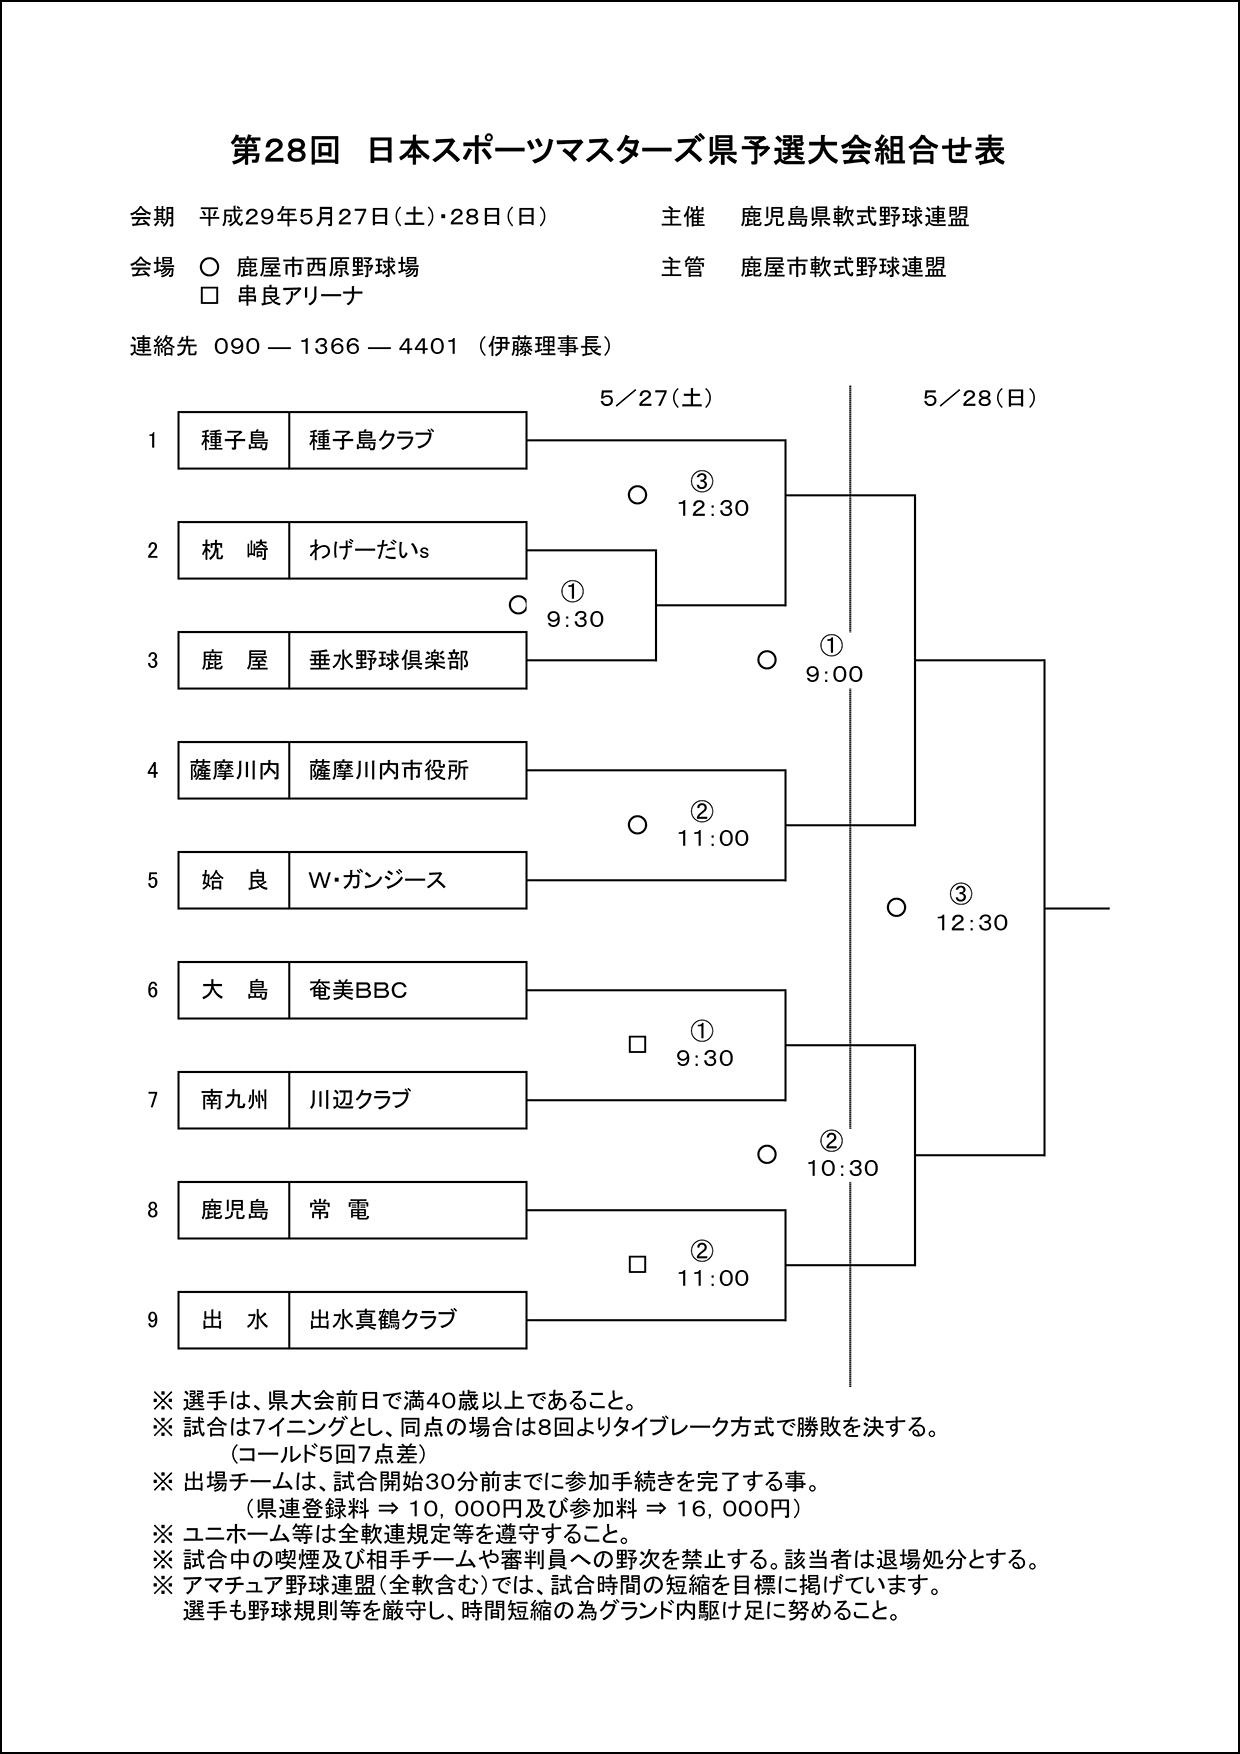 【組合せ】第28回日本スポーツマスターズ大会組合せ